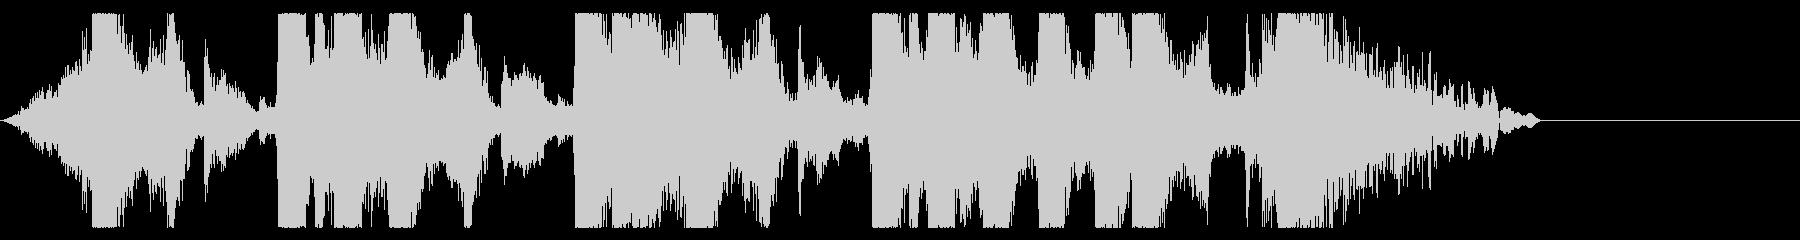 ジングル ラジオ テレビCM エレクトロの未再生の波形